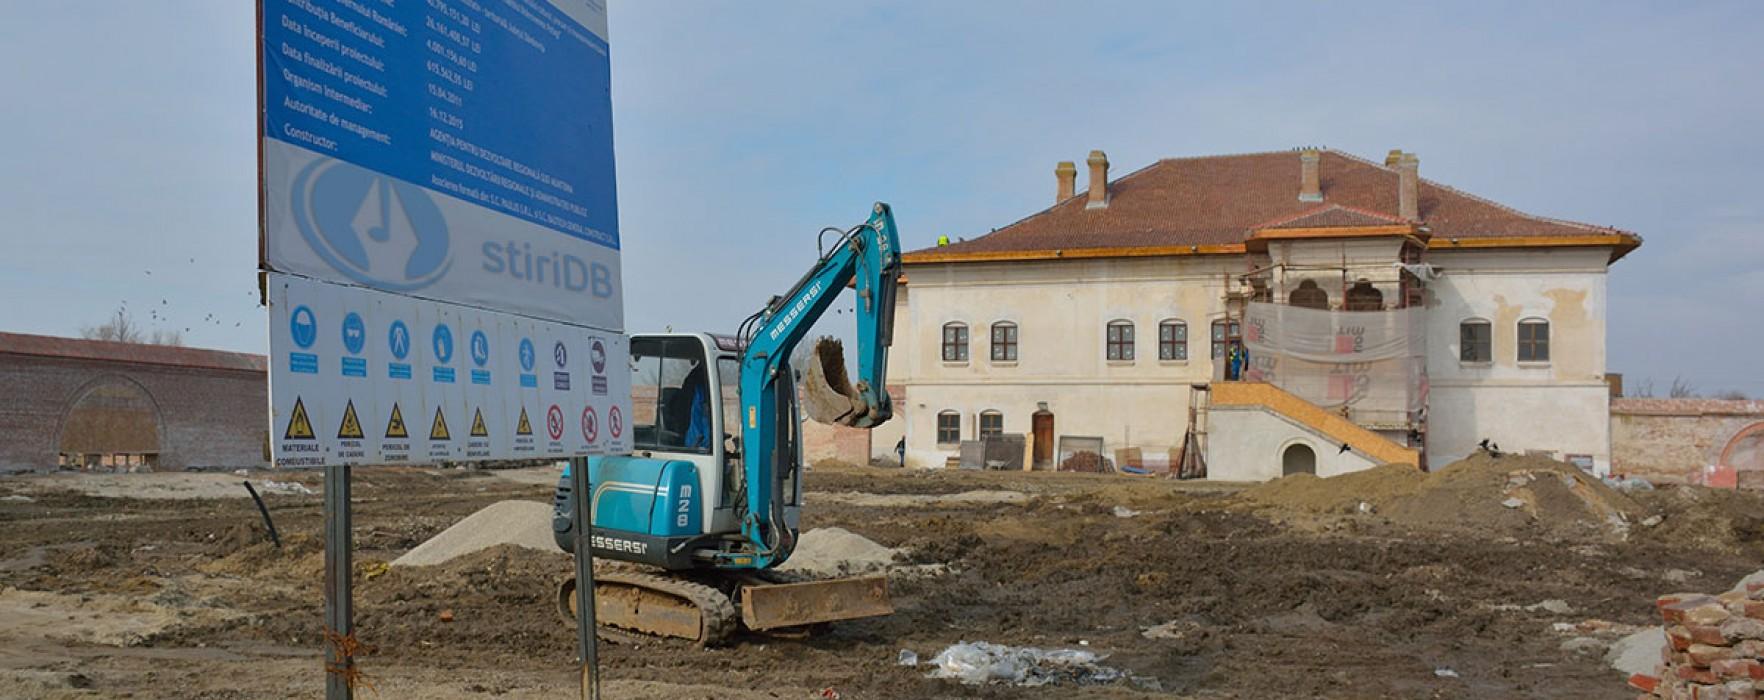 Lucrările de la Palatul Brâncovenesc de la Potlogi se vor finaliza în noiembrie (foto)